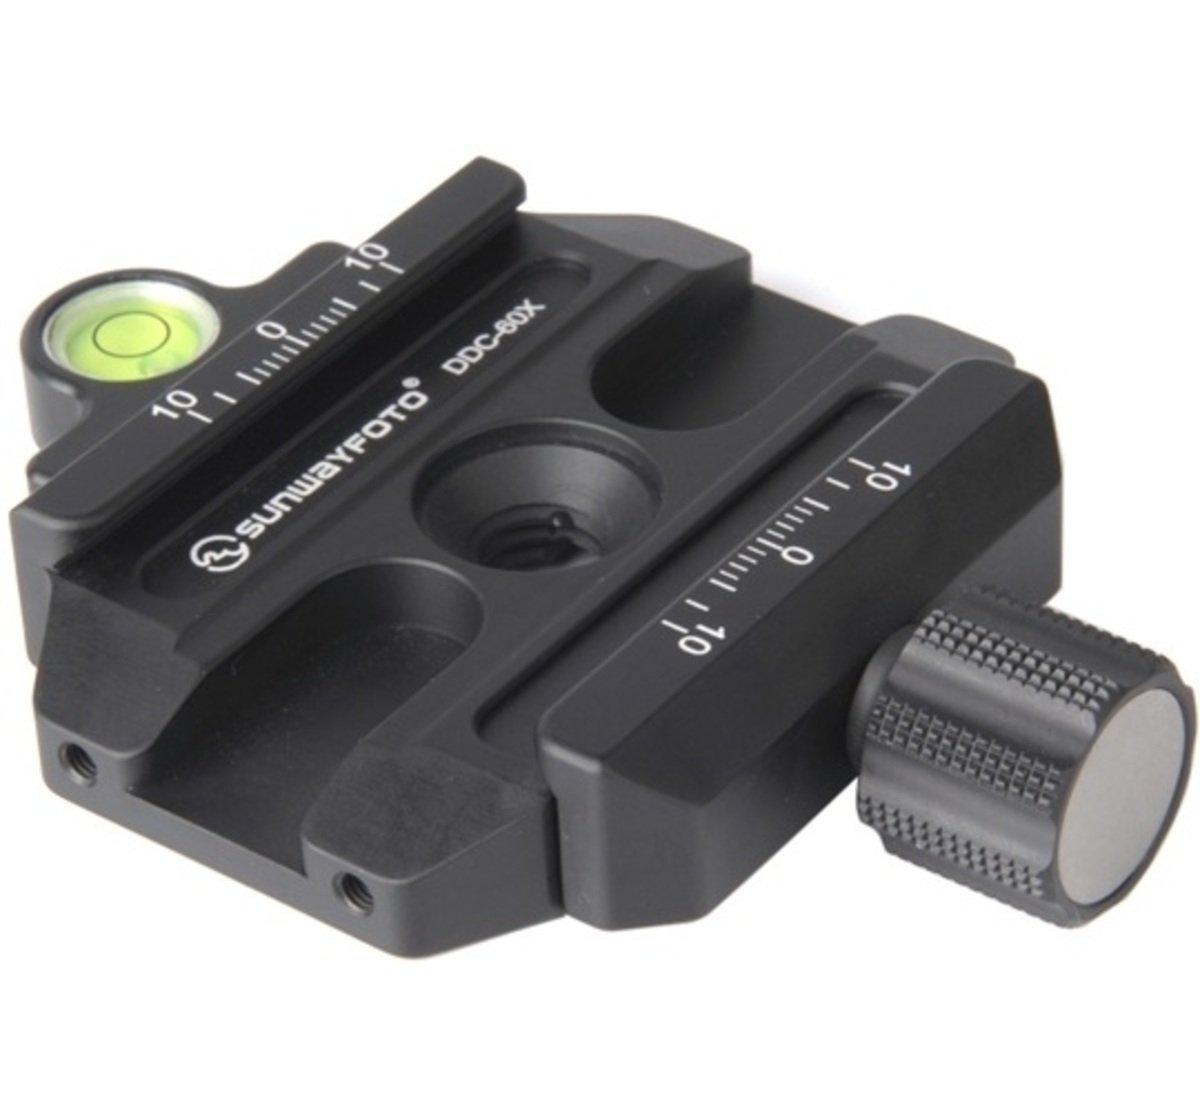 通用型快裝板夾座 DDC-60X